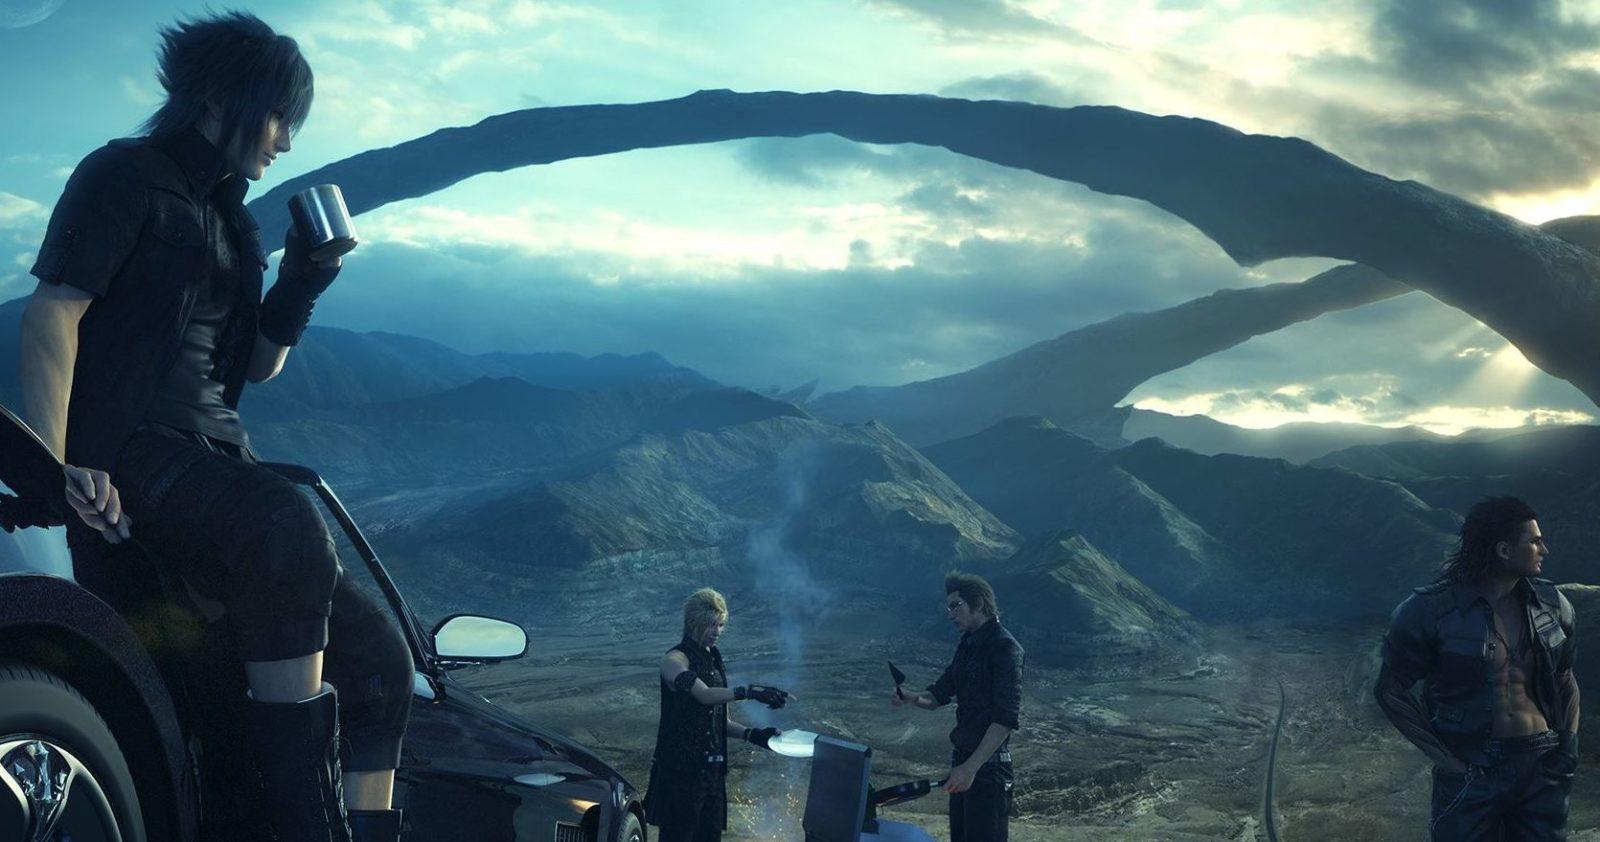 Final Fantasy 15 – гайд по быстрой прокачке персонажа